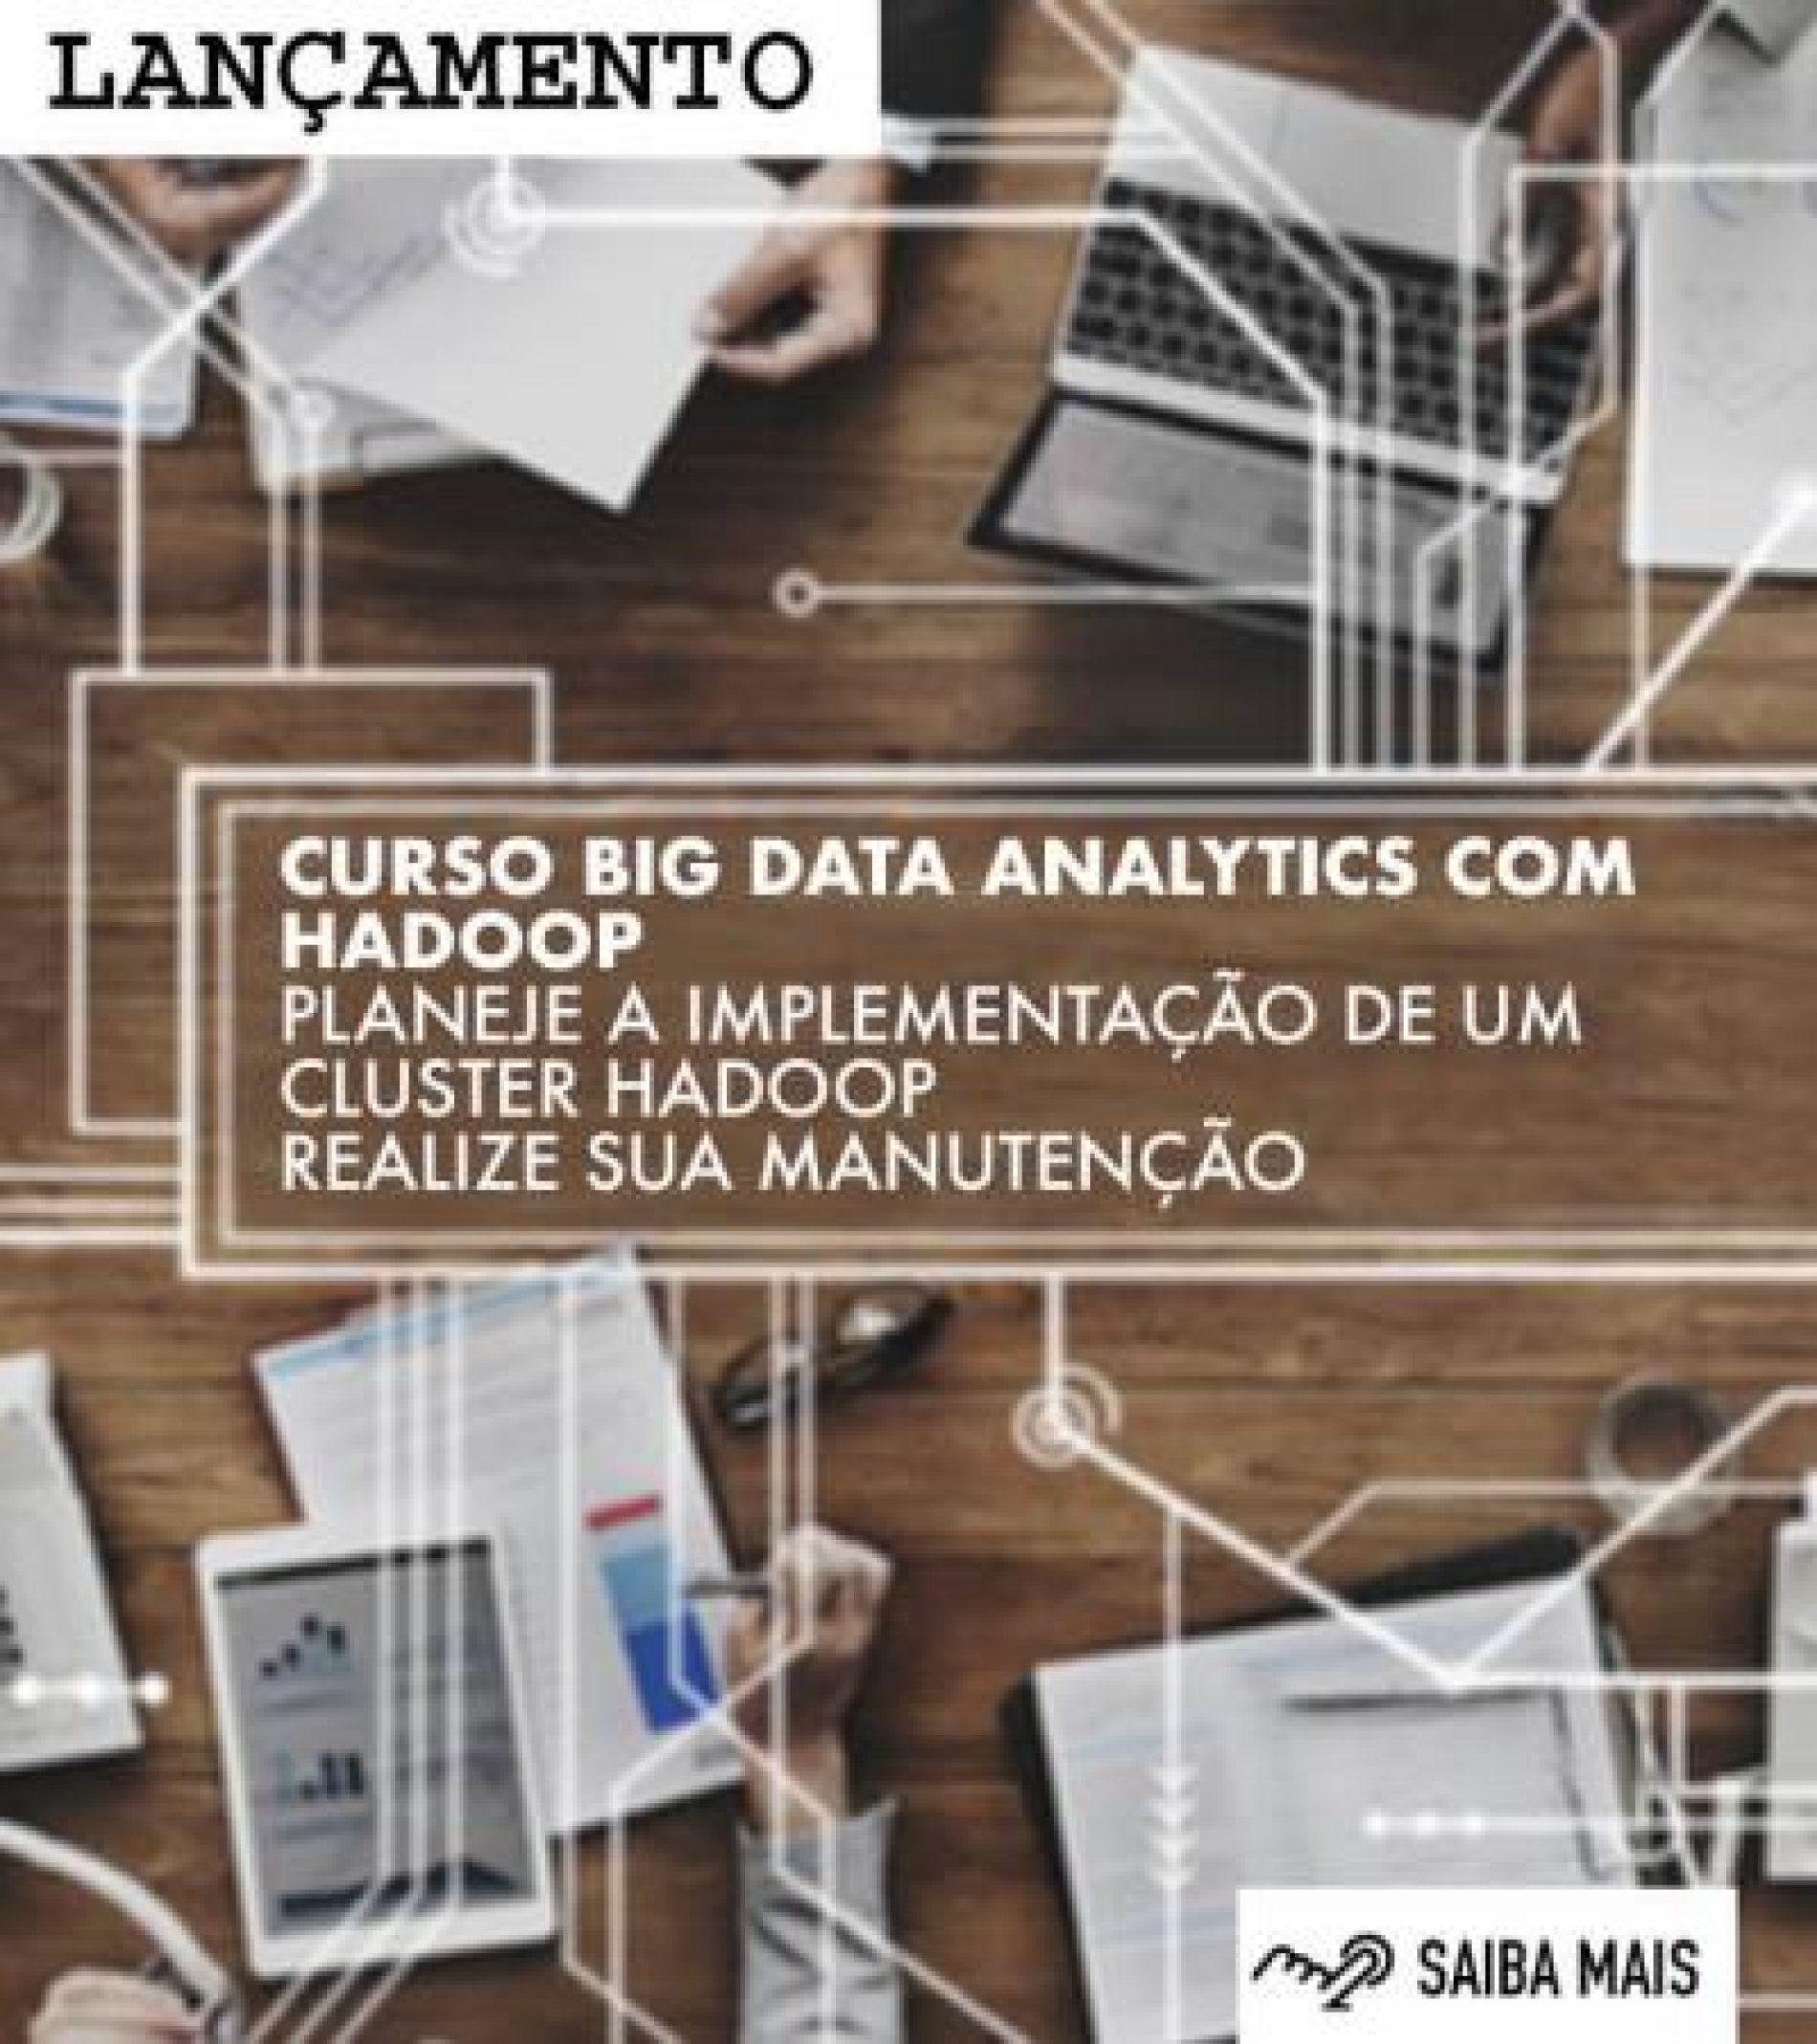 Com lançamento do curso de Hadoop, 4linux passa a ofertar treinamentos para área de BigData.